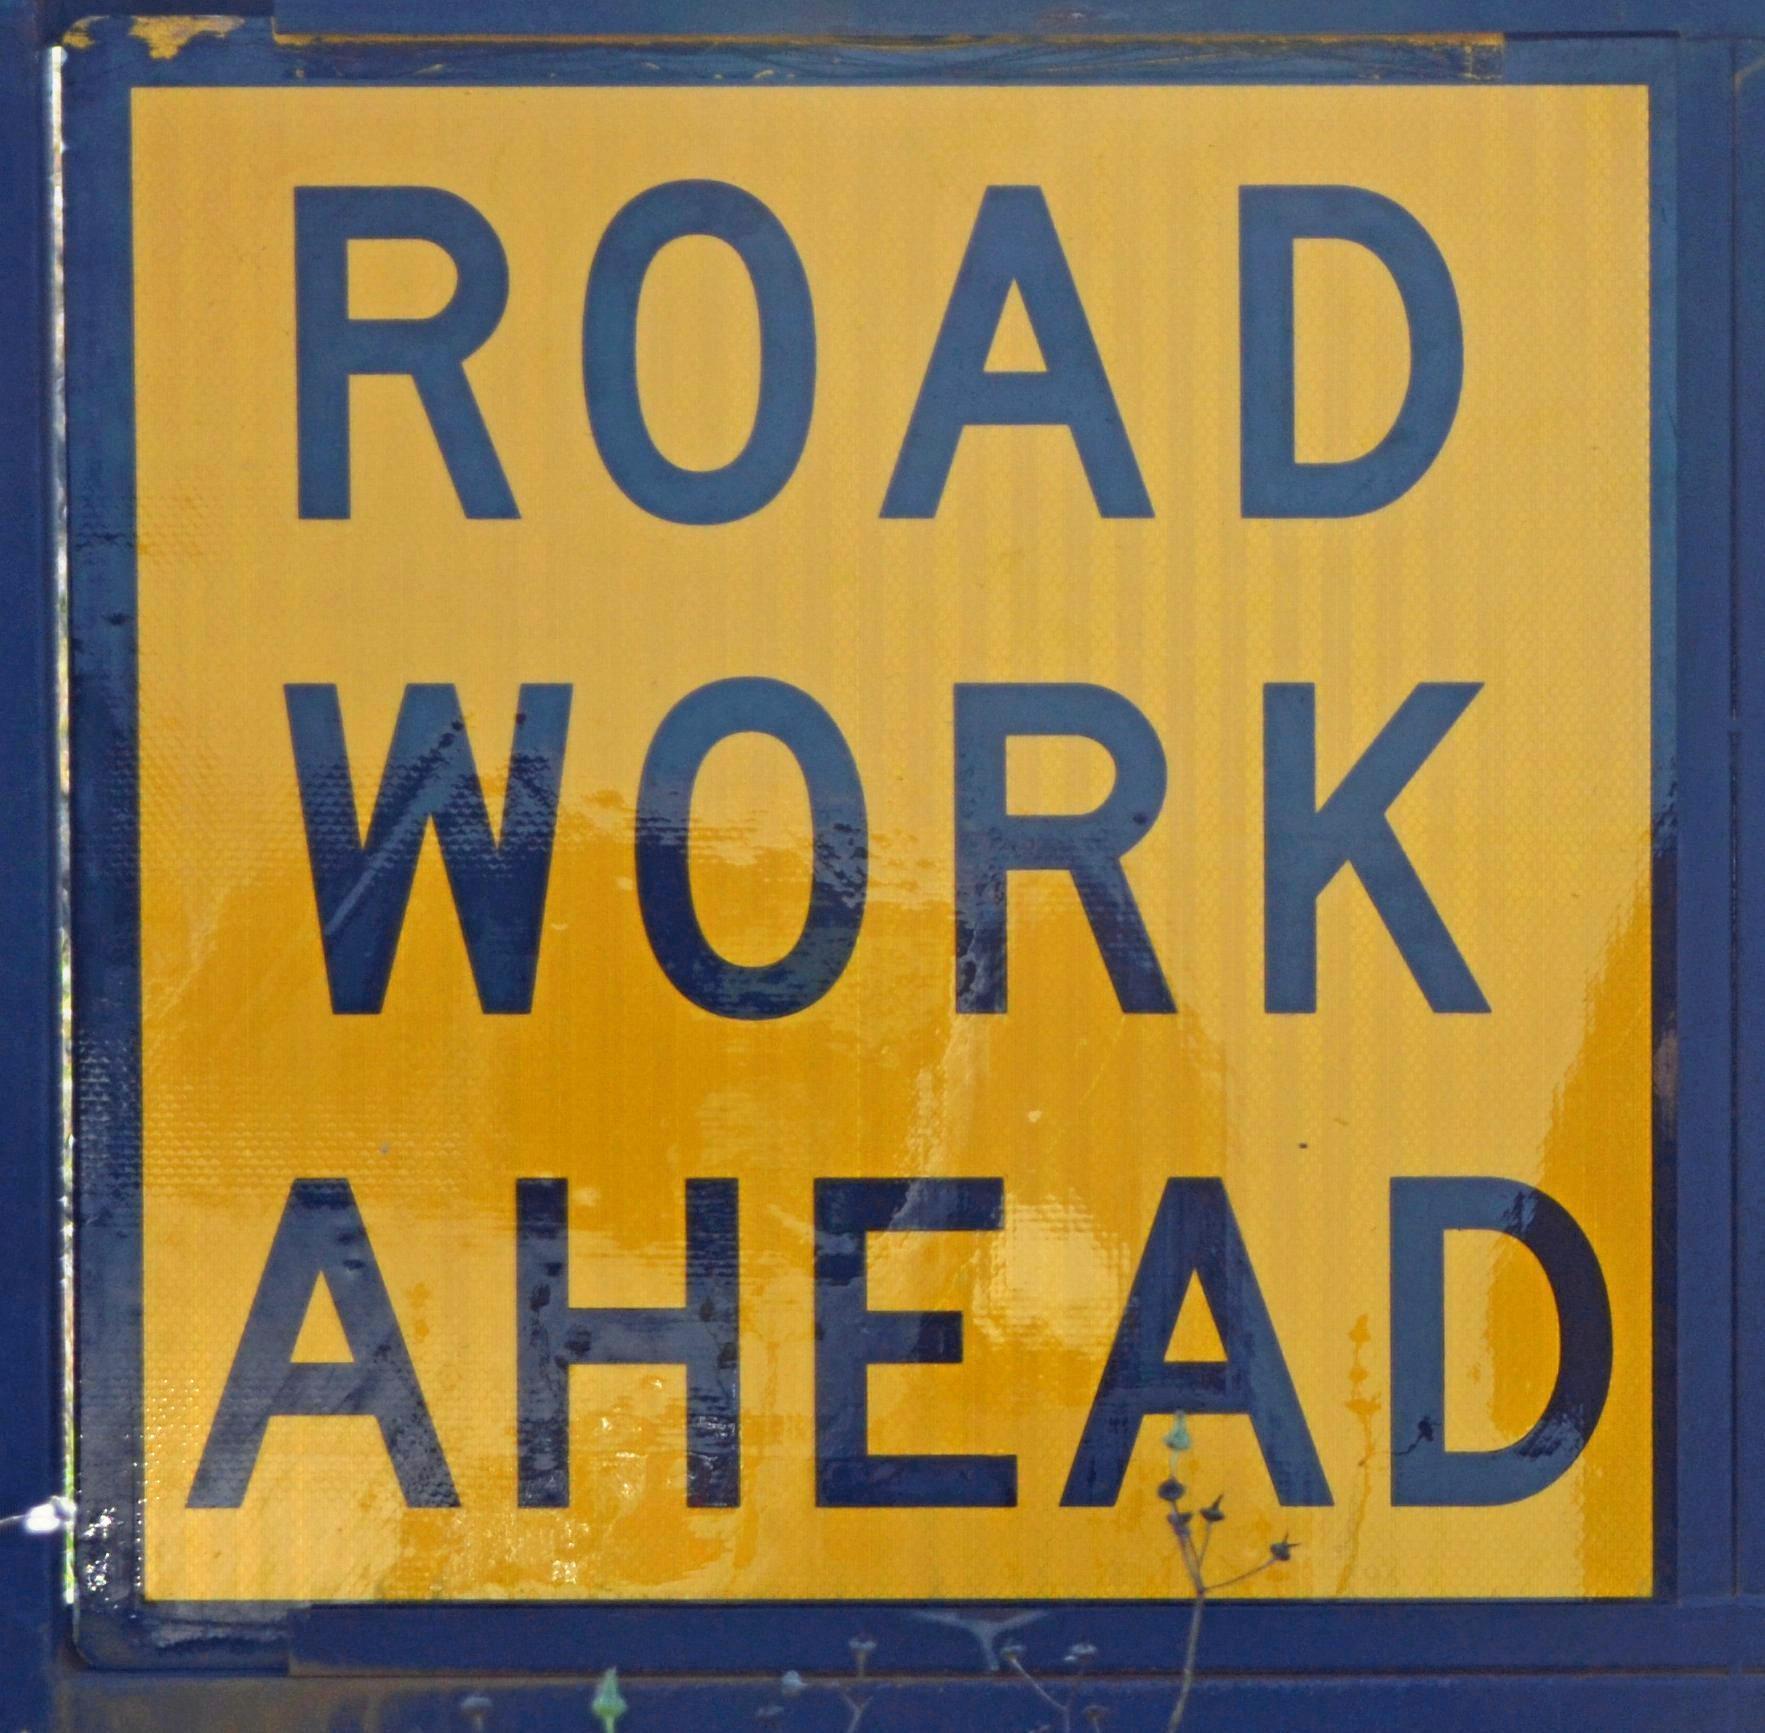 ROAD WORKS AHEAD: